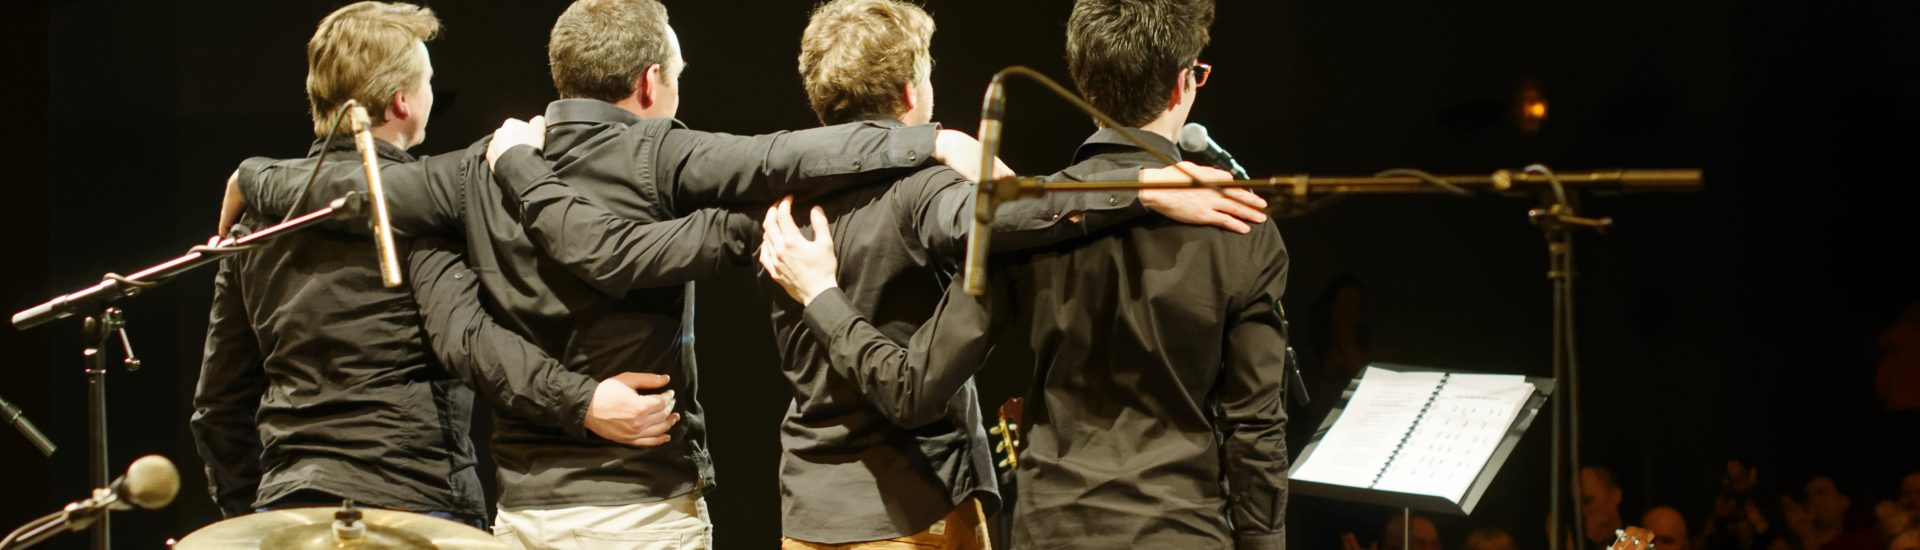 Les Poinçonneurs des Lilas en concert au Kurssal d'Hellemmes Lille